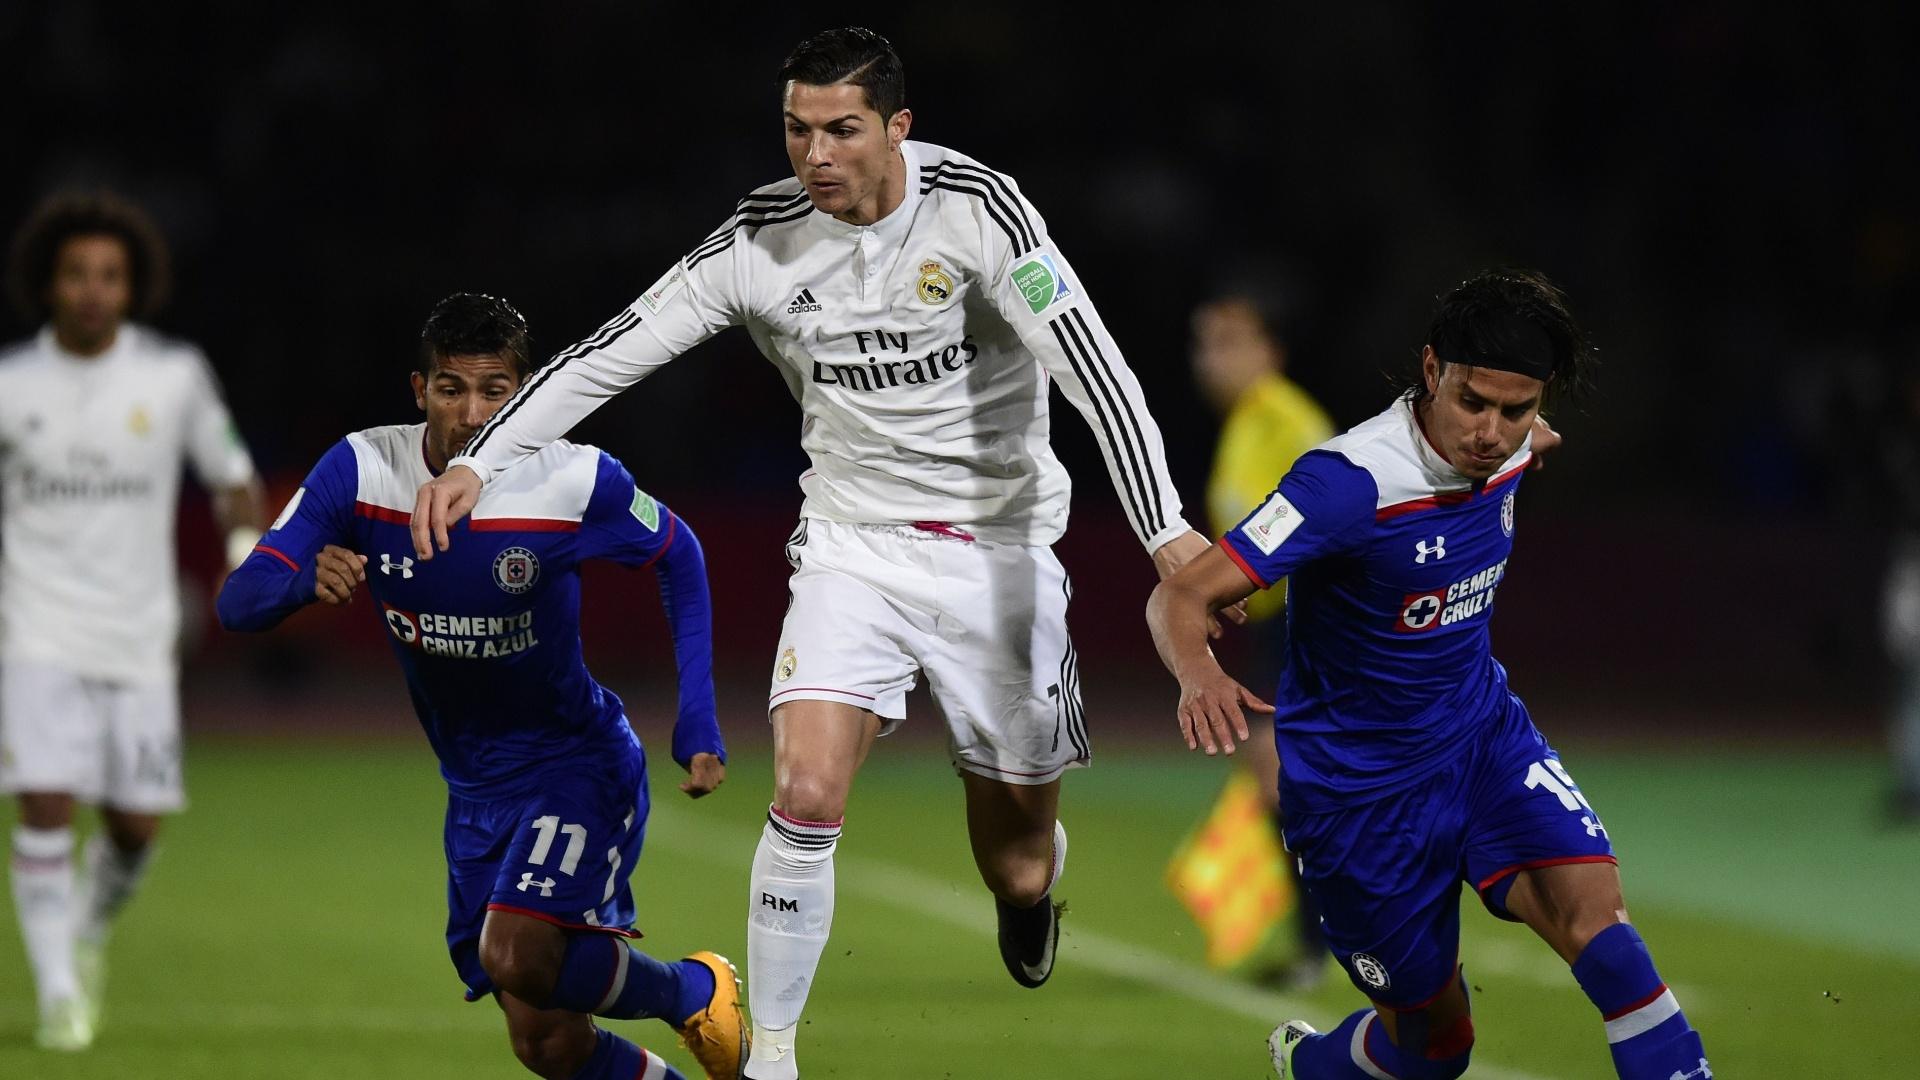 Cristiano Ronaldo passa por dois marcadores do Cruz Azul em jogo válido pelo Mundial de Clubes